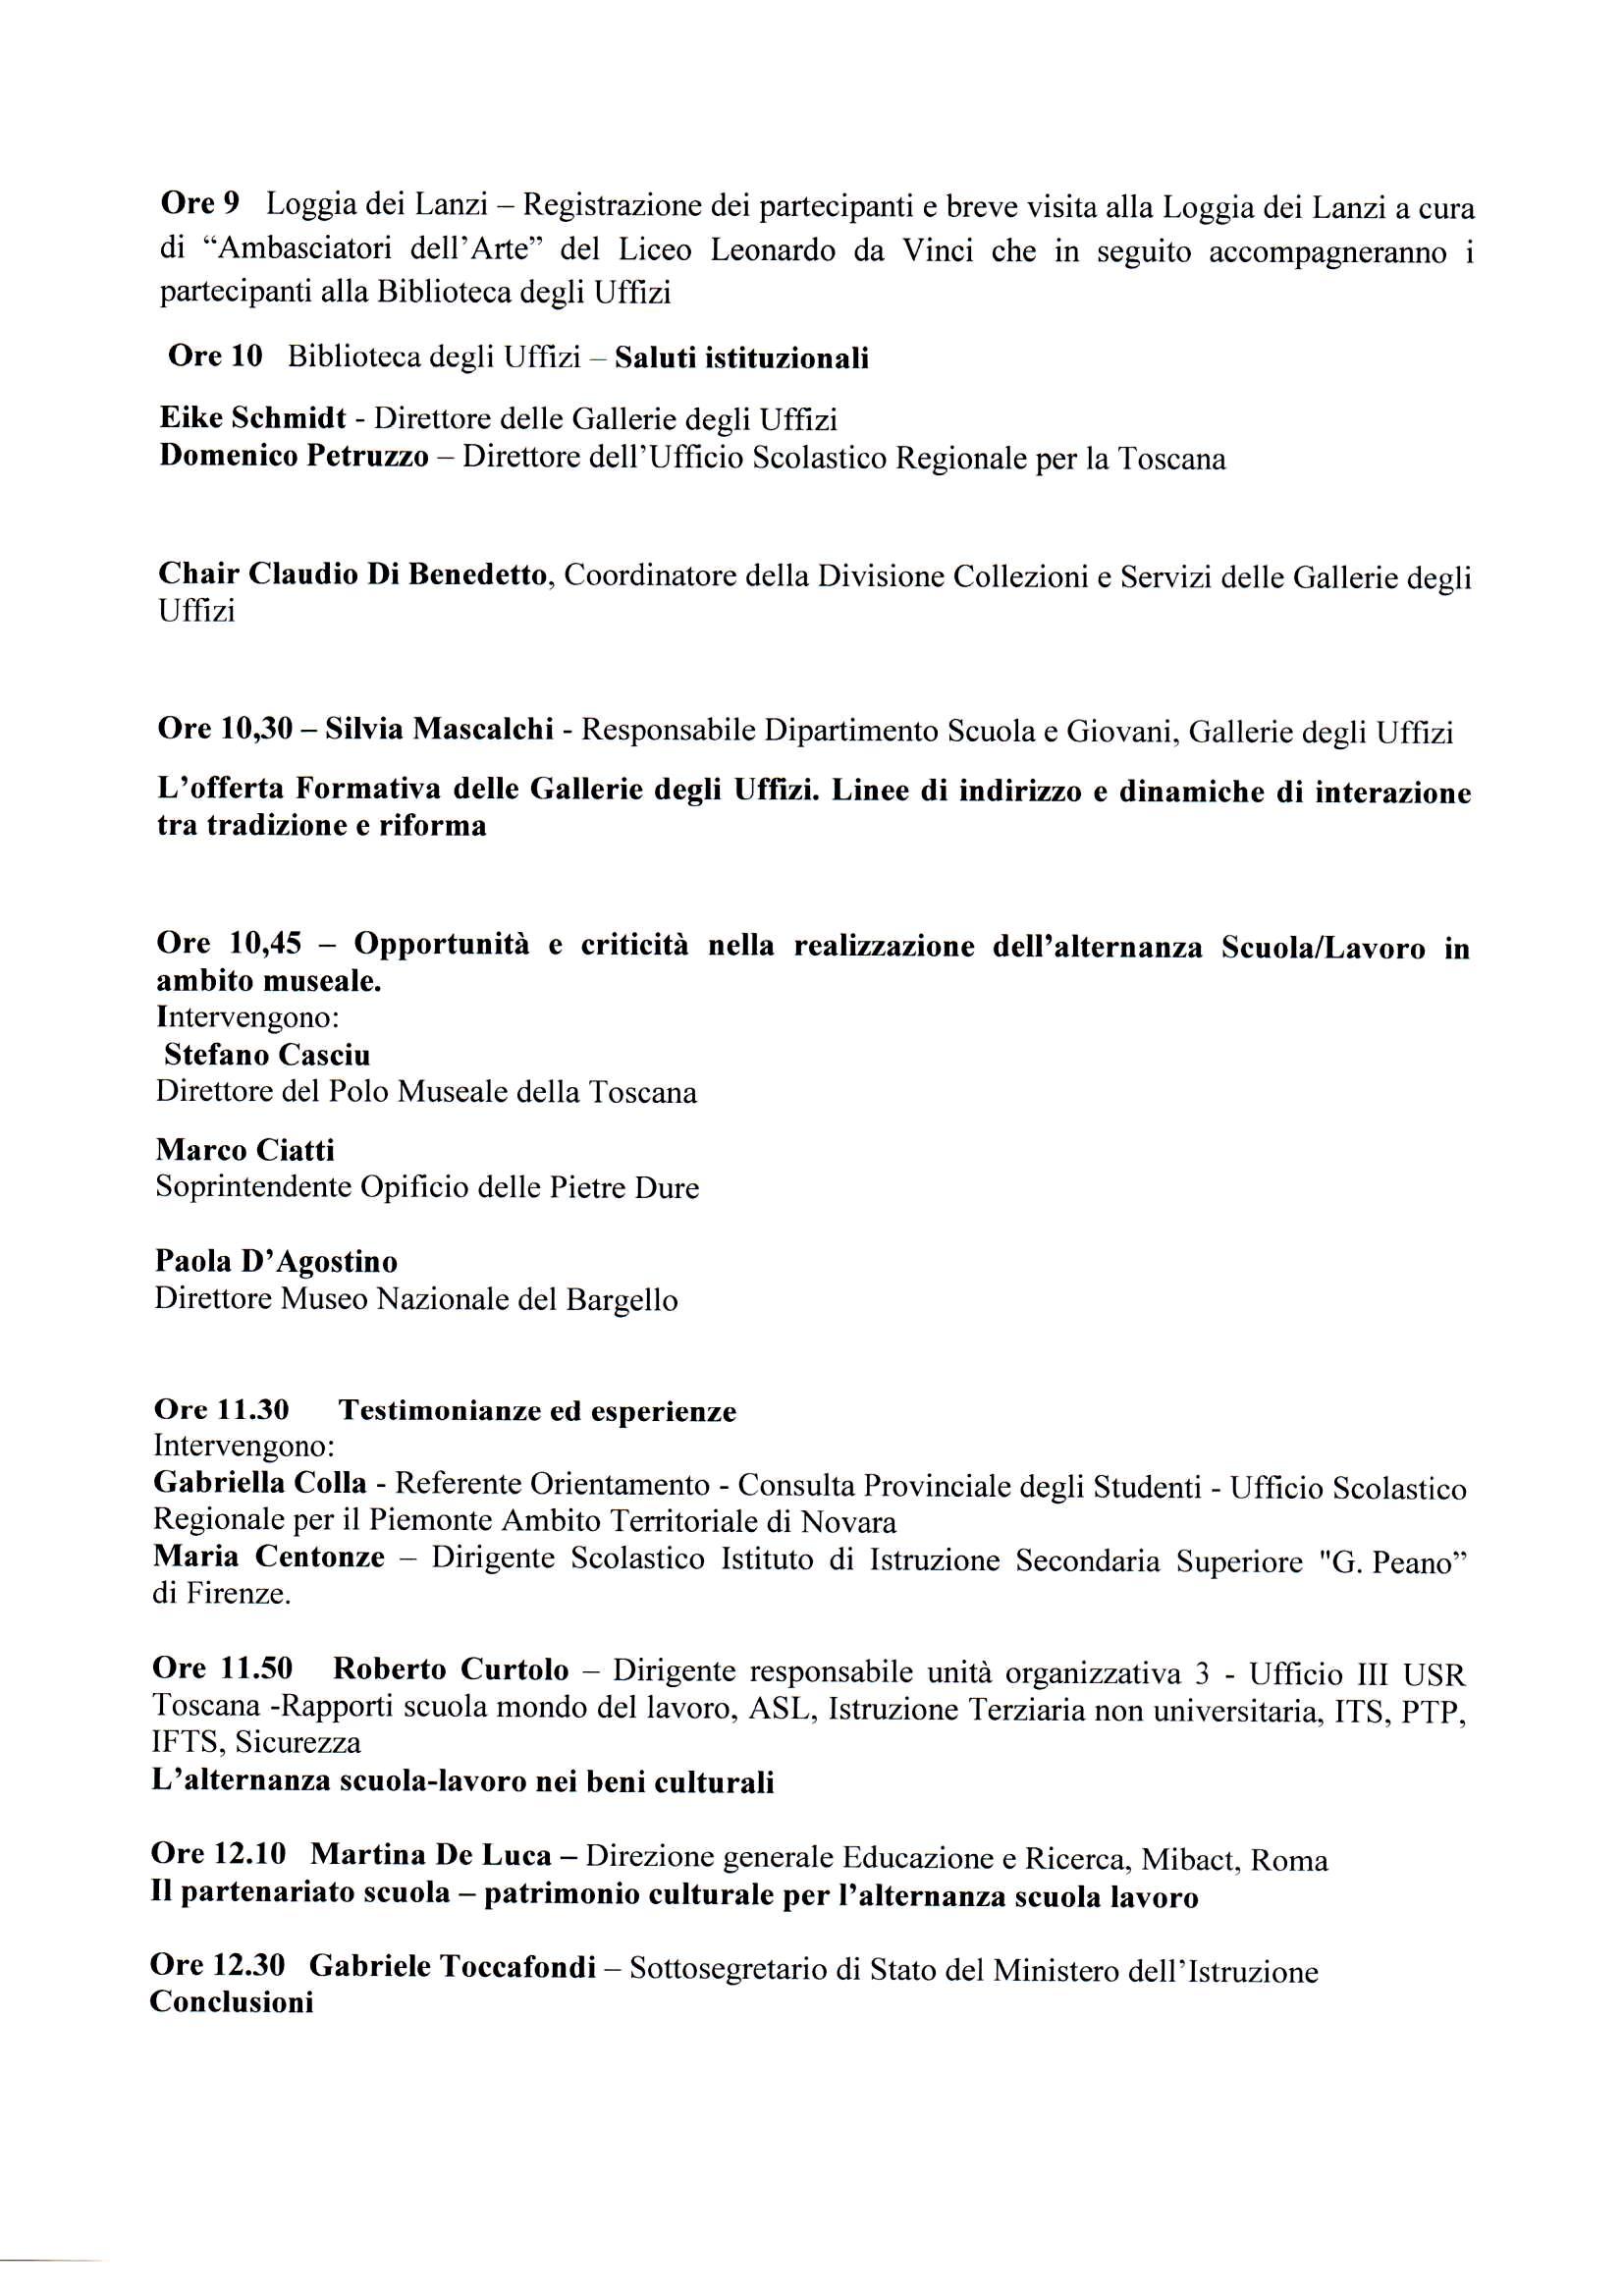 Programma del 24 novembre